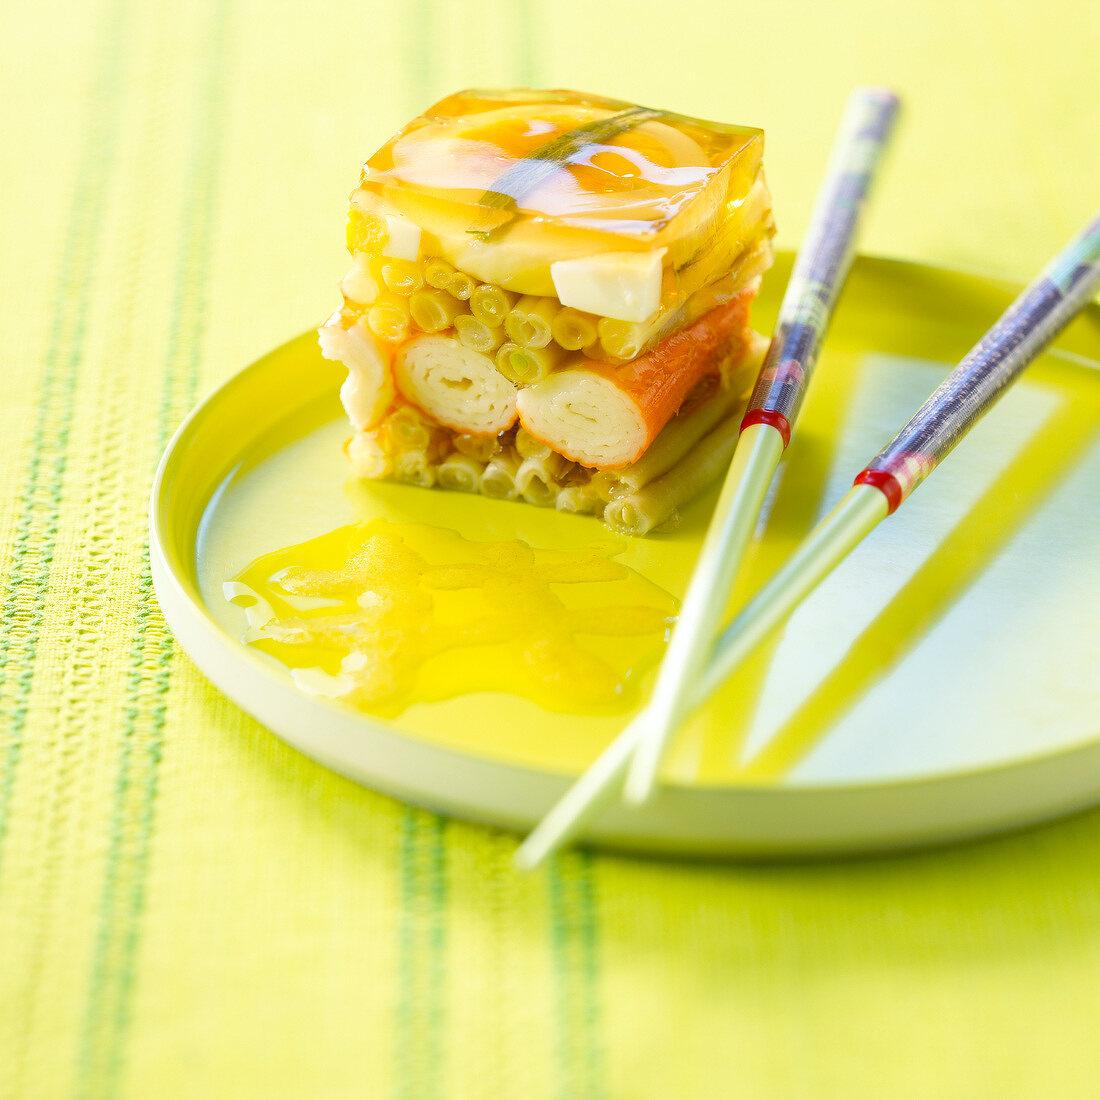 Vegetable and surimi crab aspic terrine